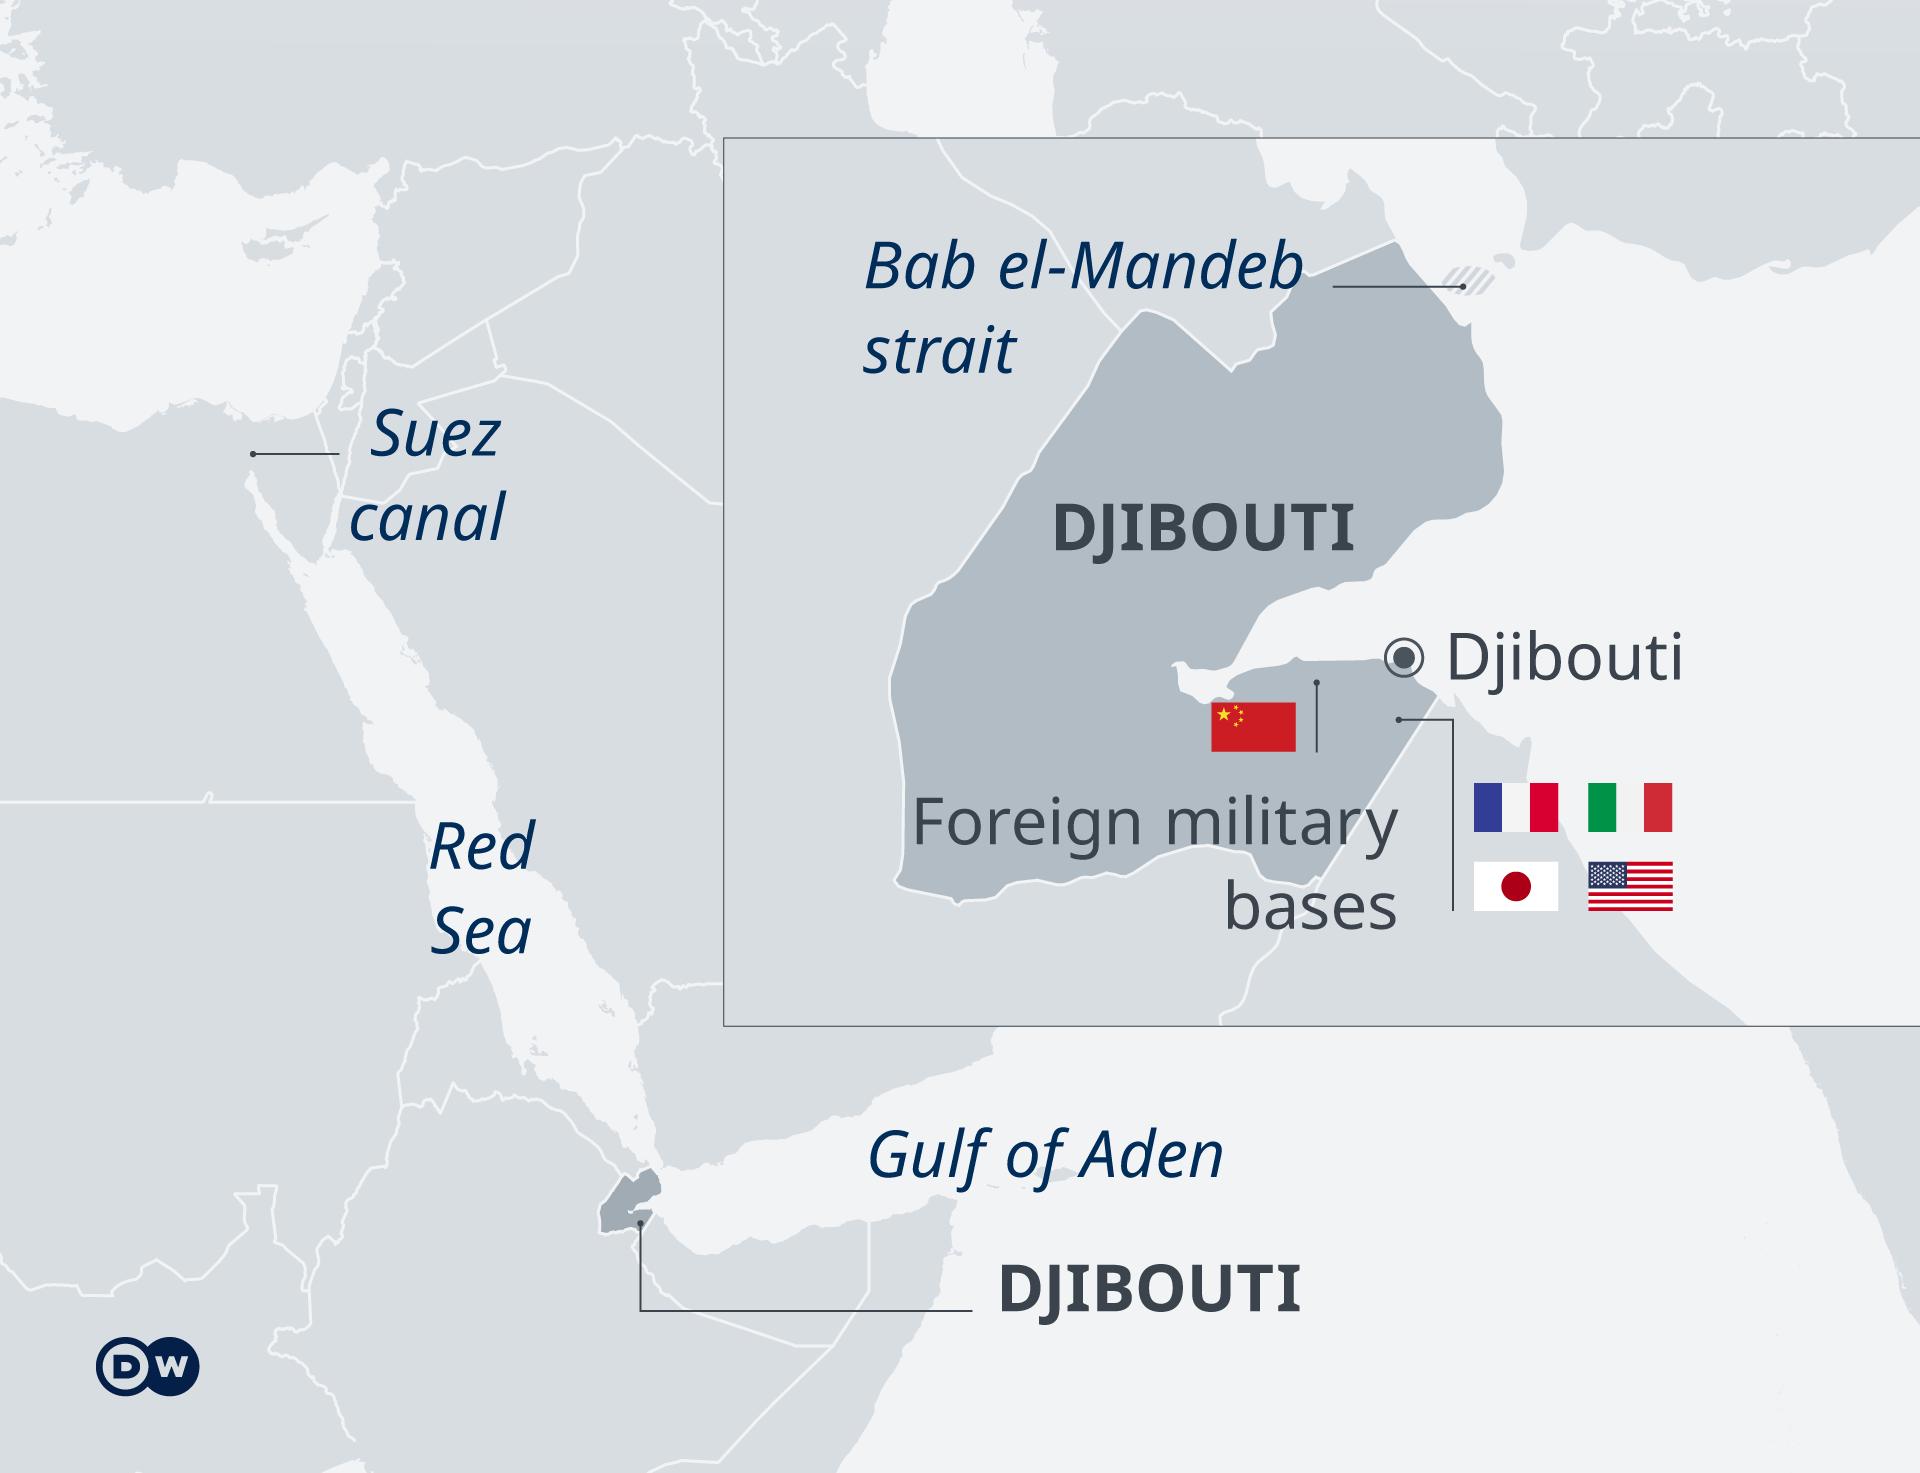 Ilot de stabilité dans une région troublée, Djibouti offre un point d'appui stratégique aux grandes puissances.